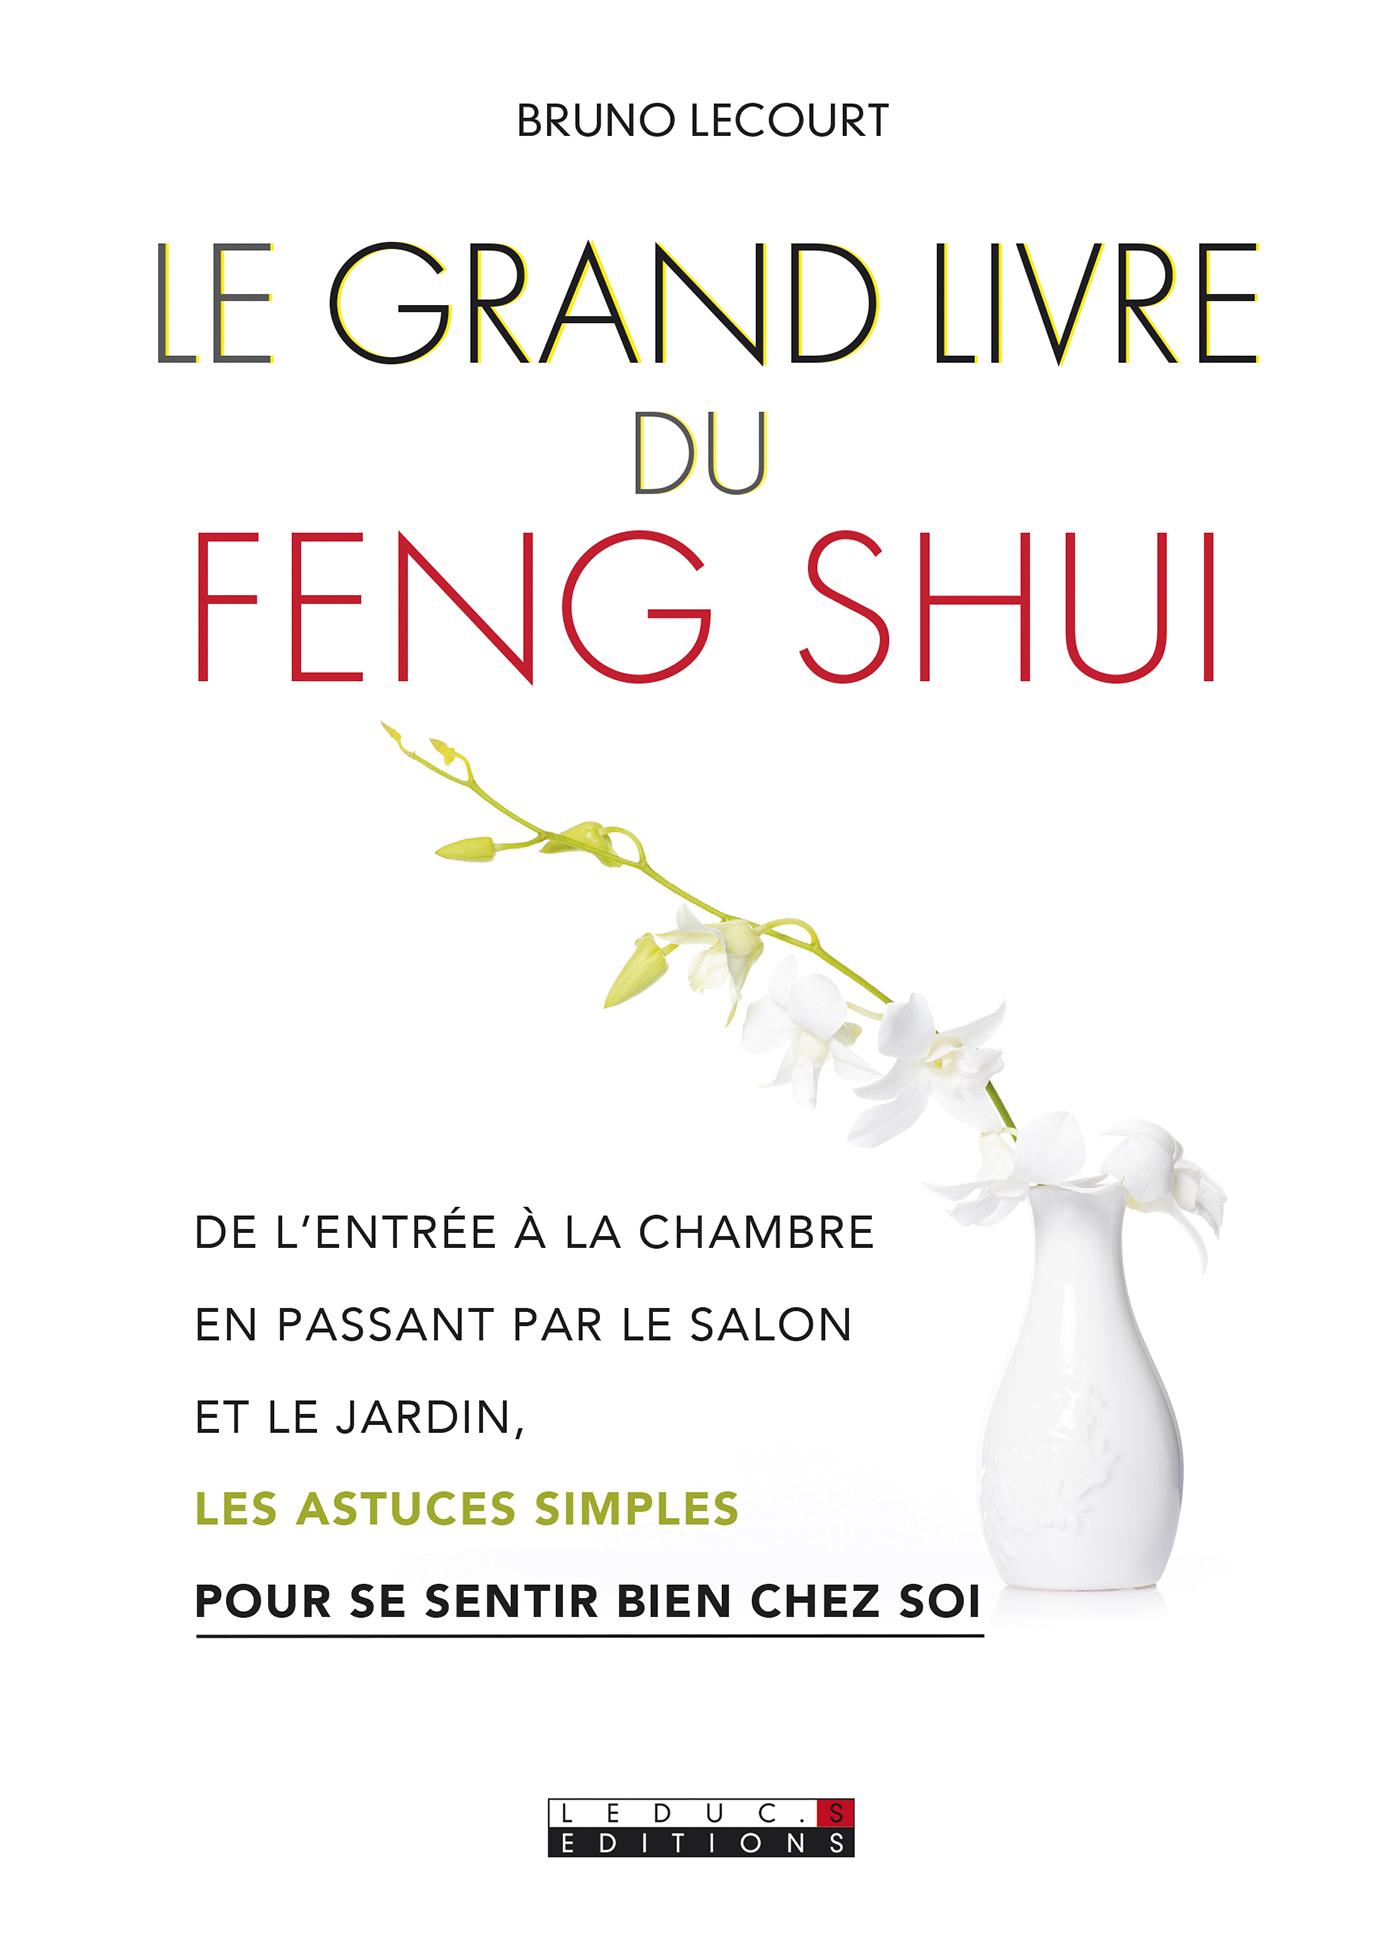 Leduc s éditions Le grand livre du feng shui De l entrée  la